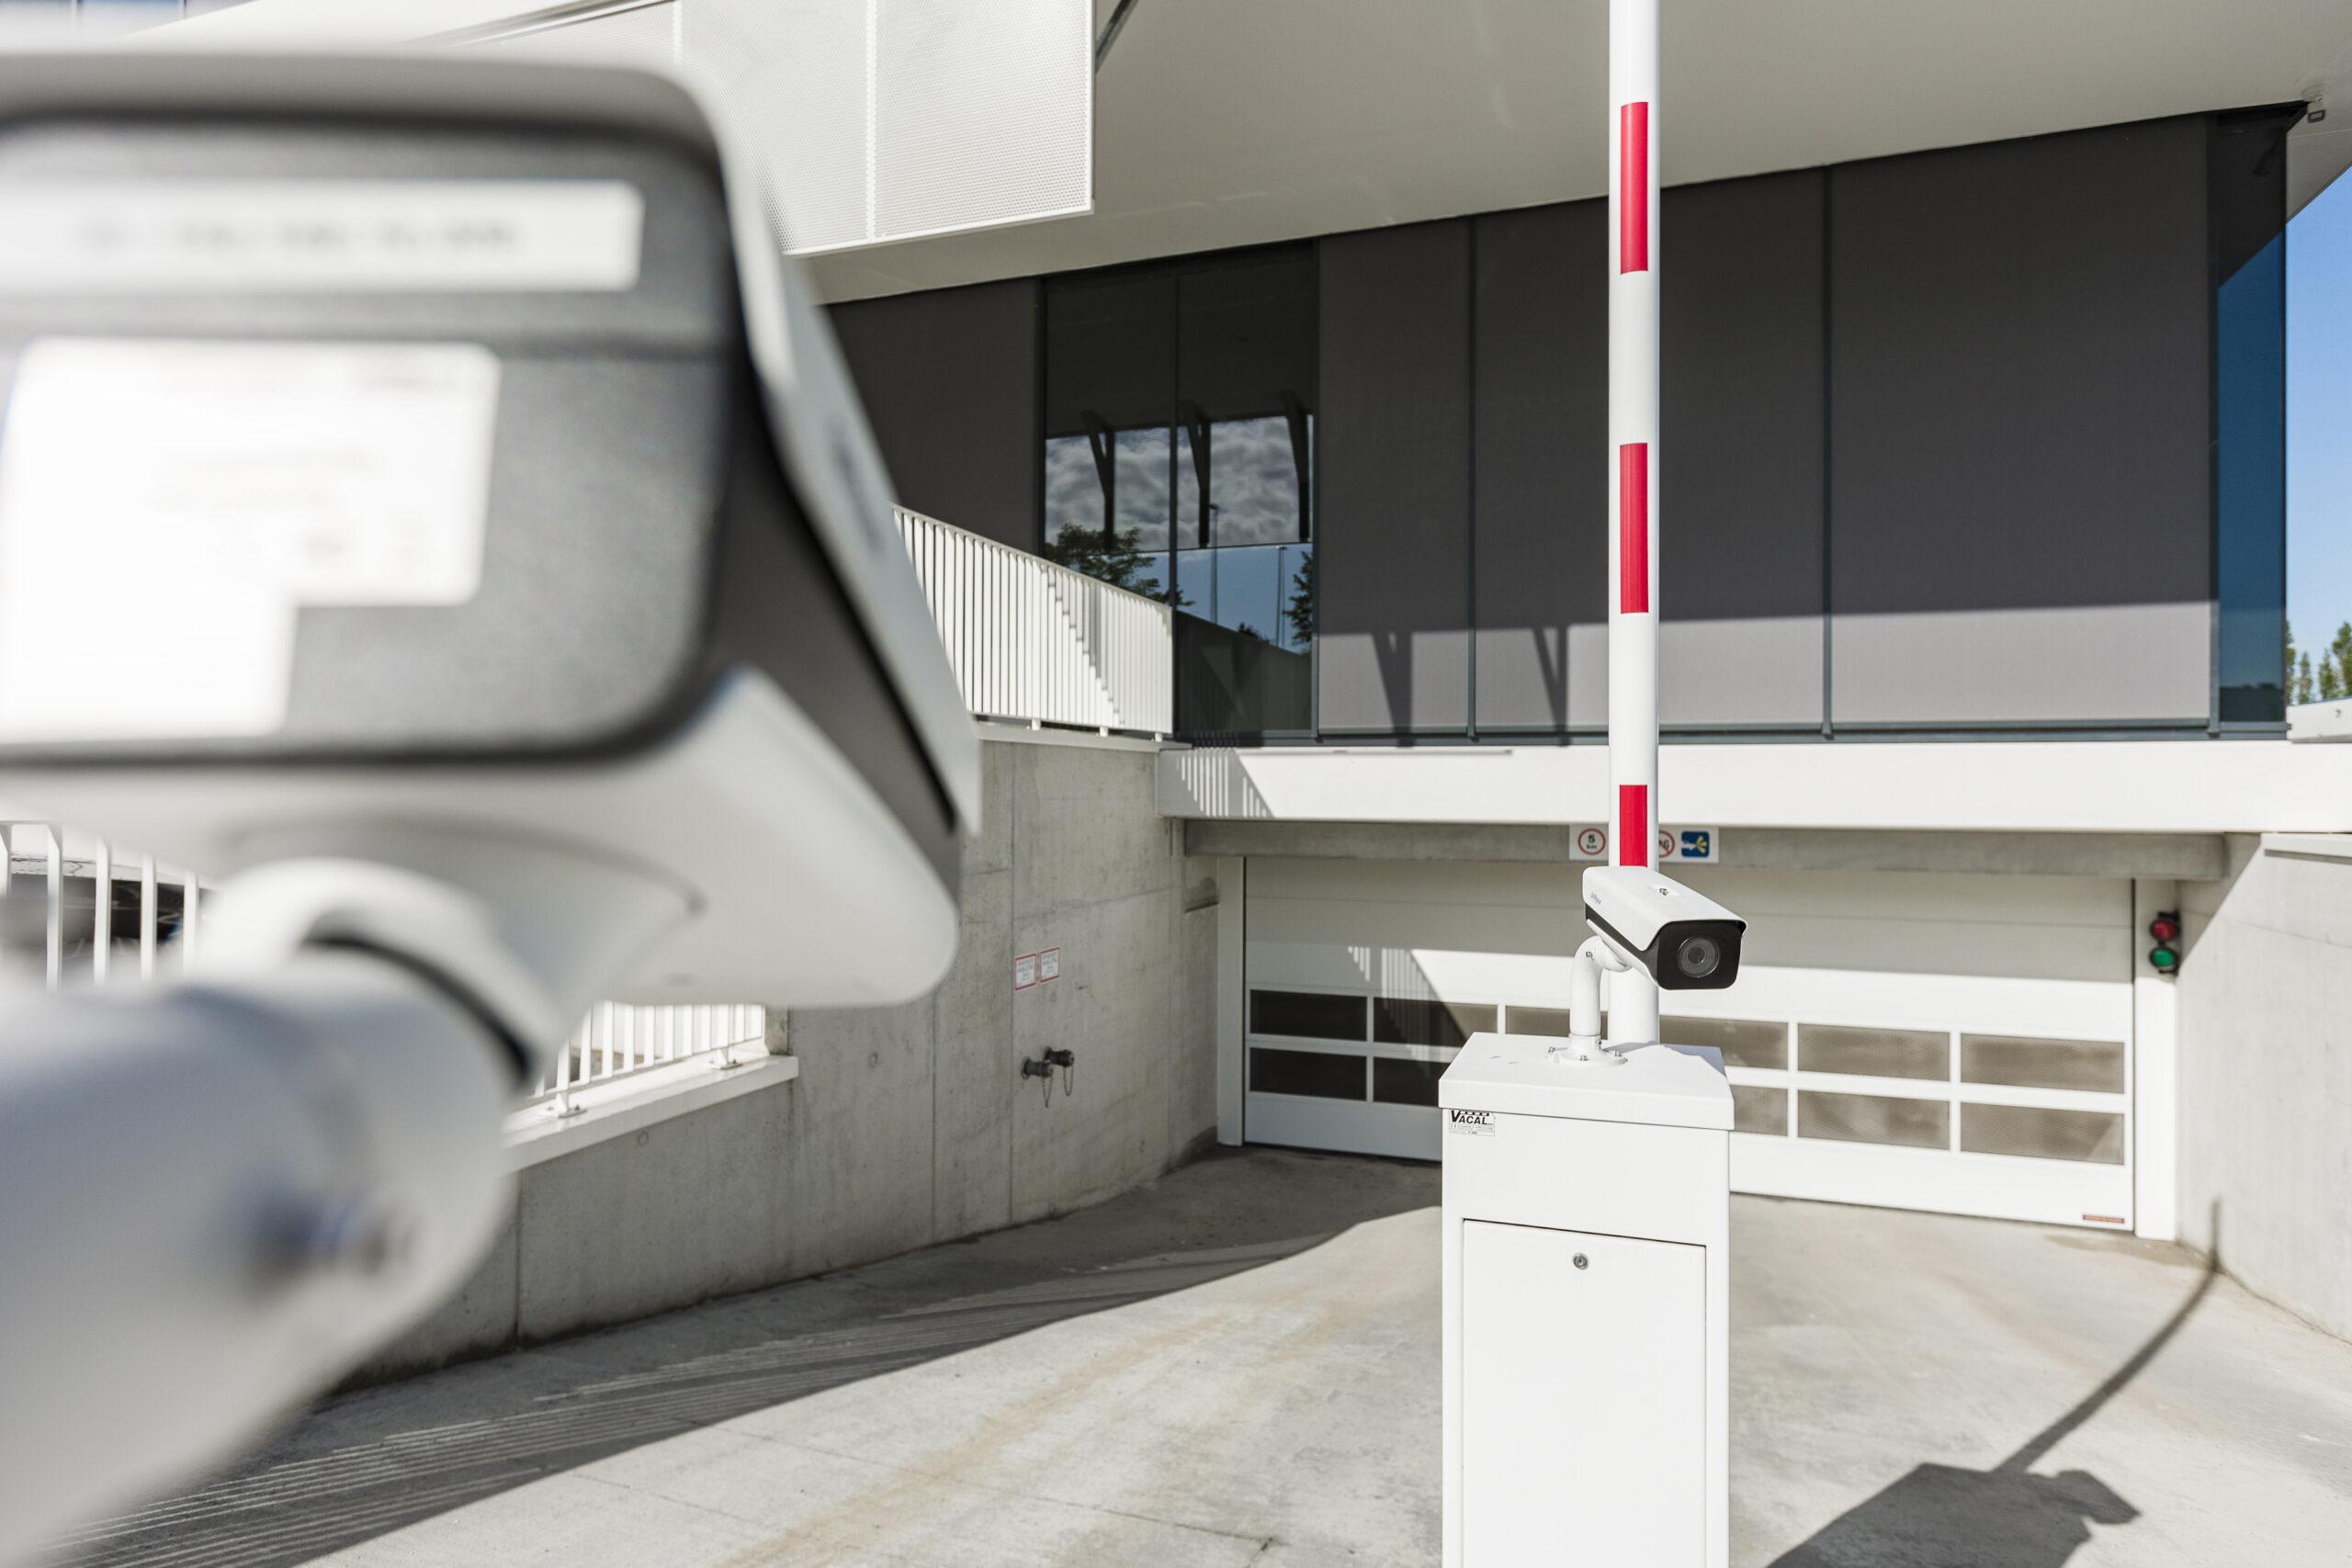 Hoe screen je voertuigen op locaties met hoge risico's?